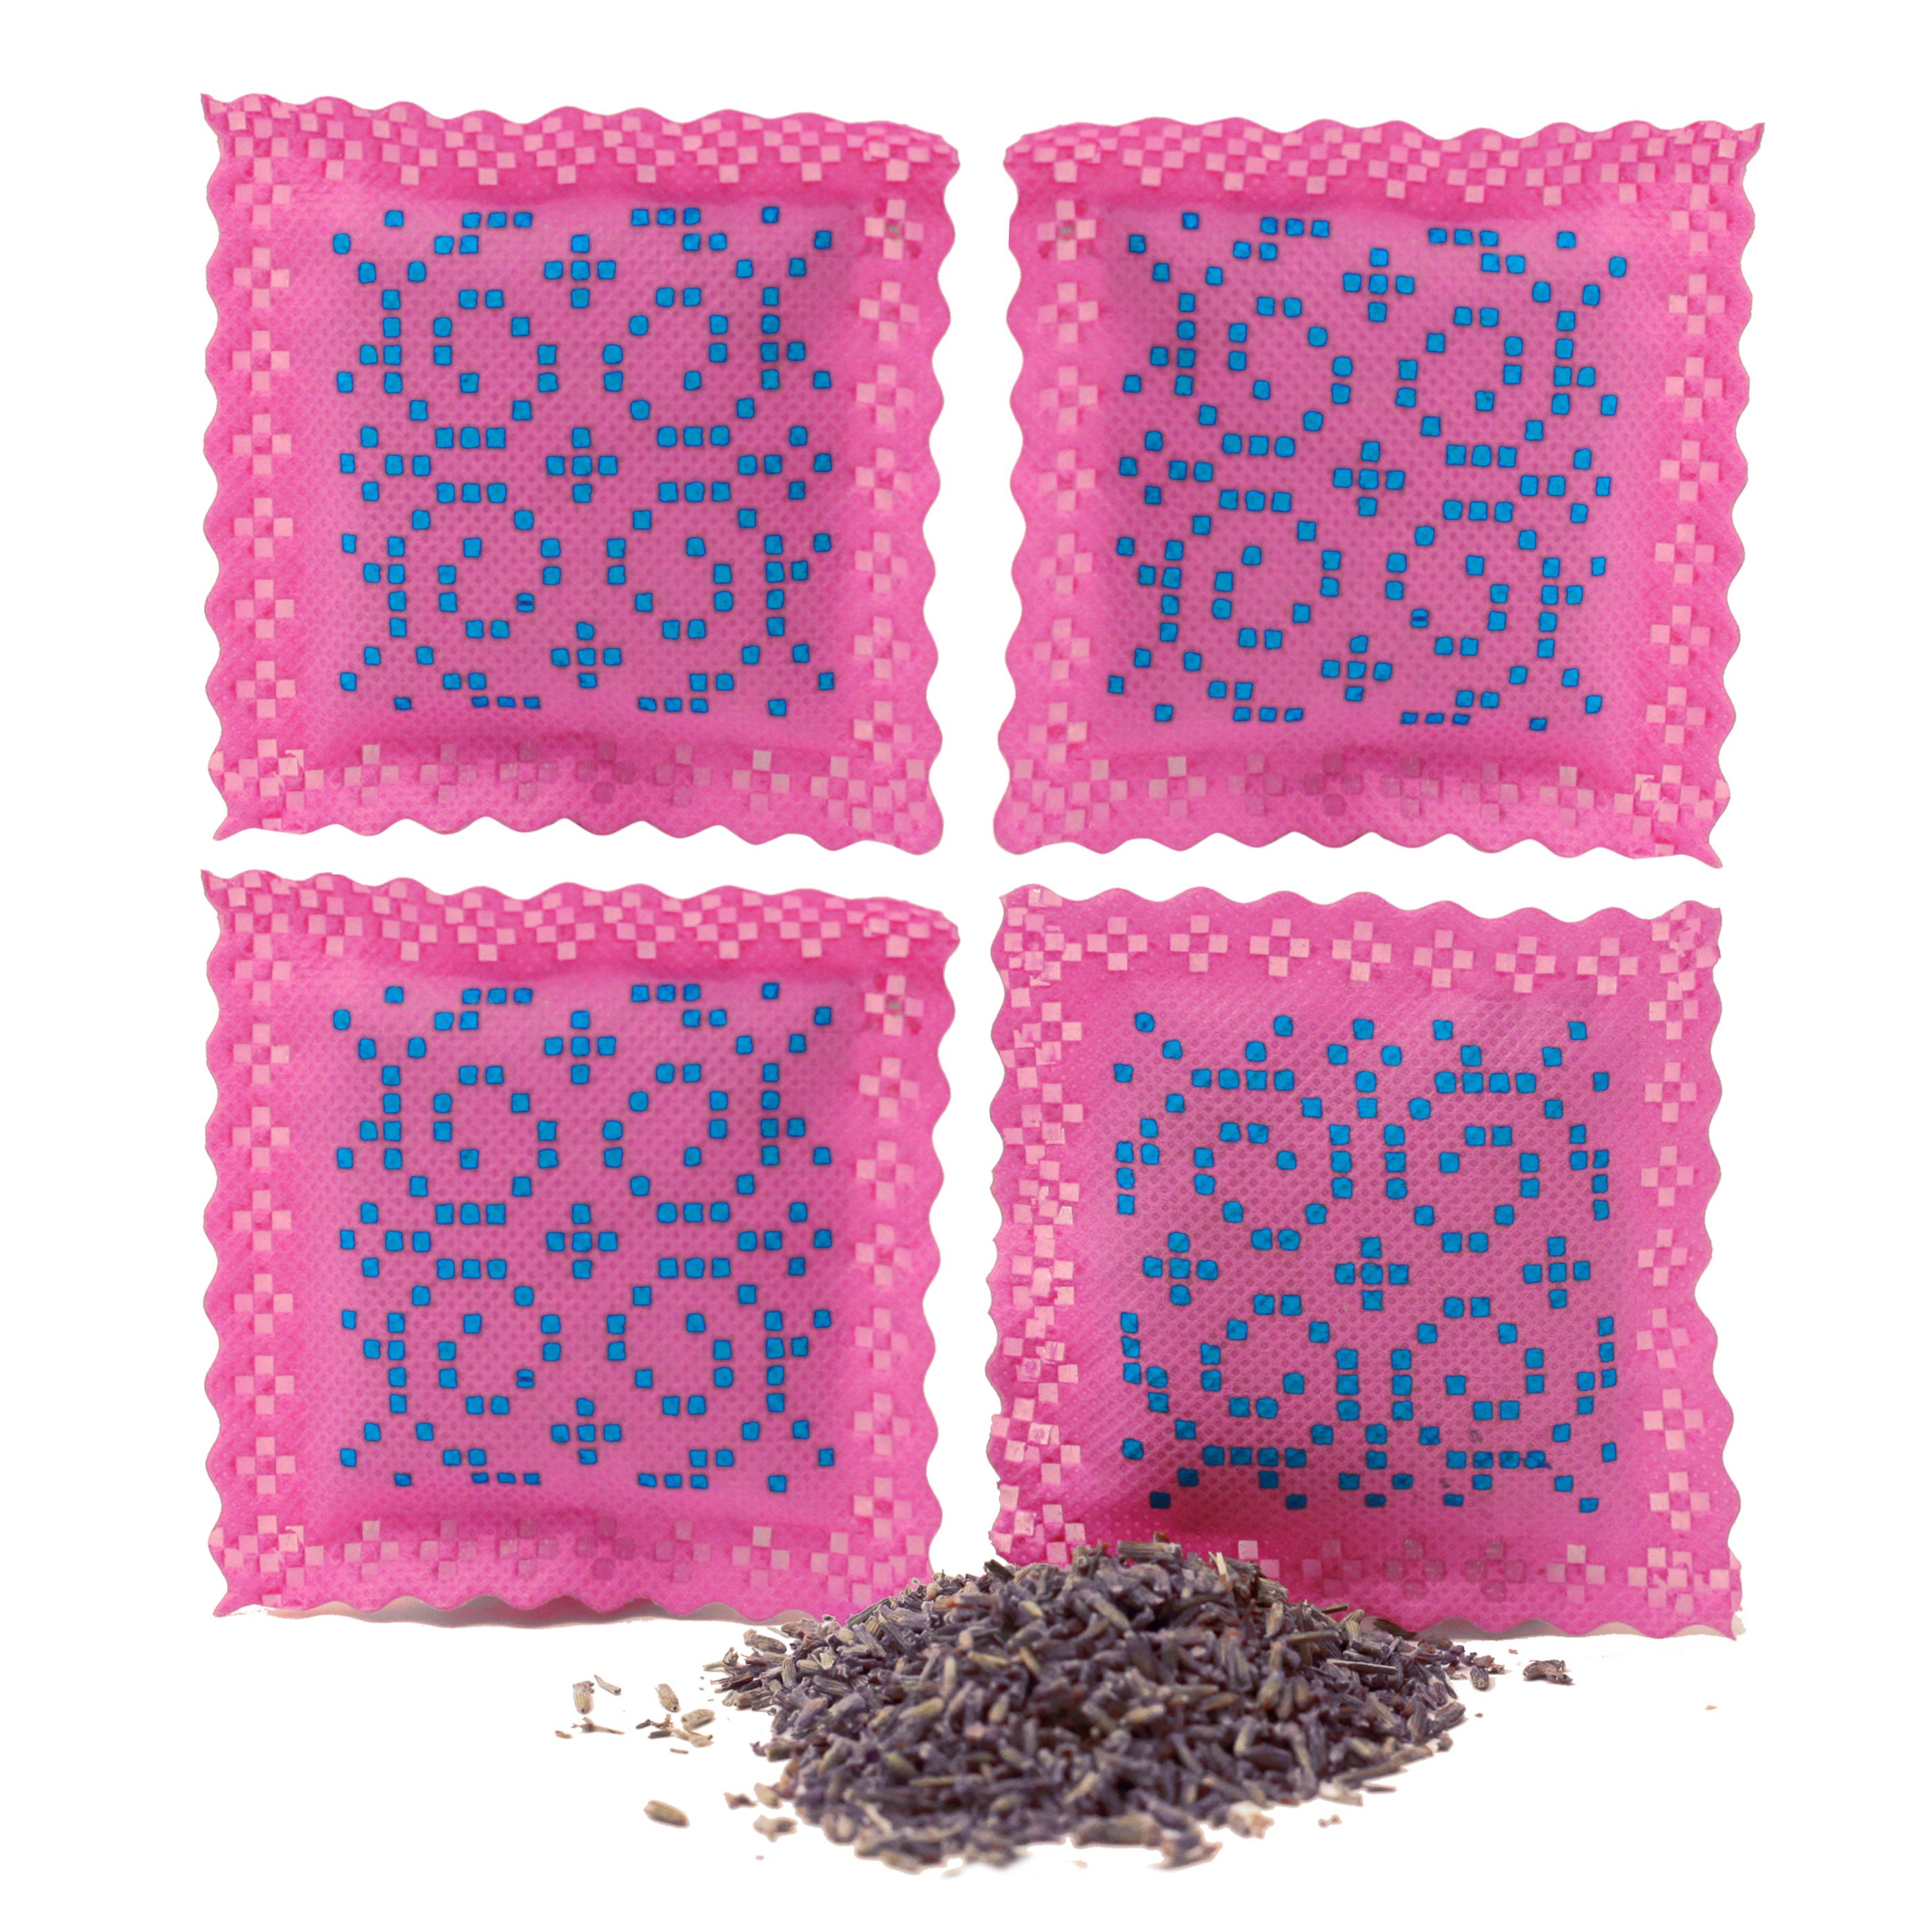 Ekologisk Doftpåse MINI, 4 pack Rosa Blå Non vowen Lavender Bosign